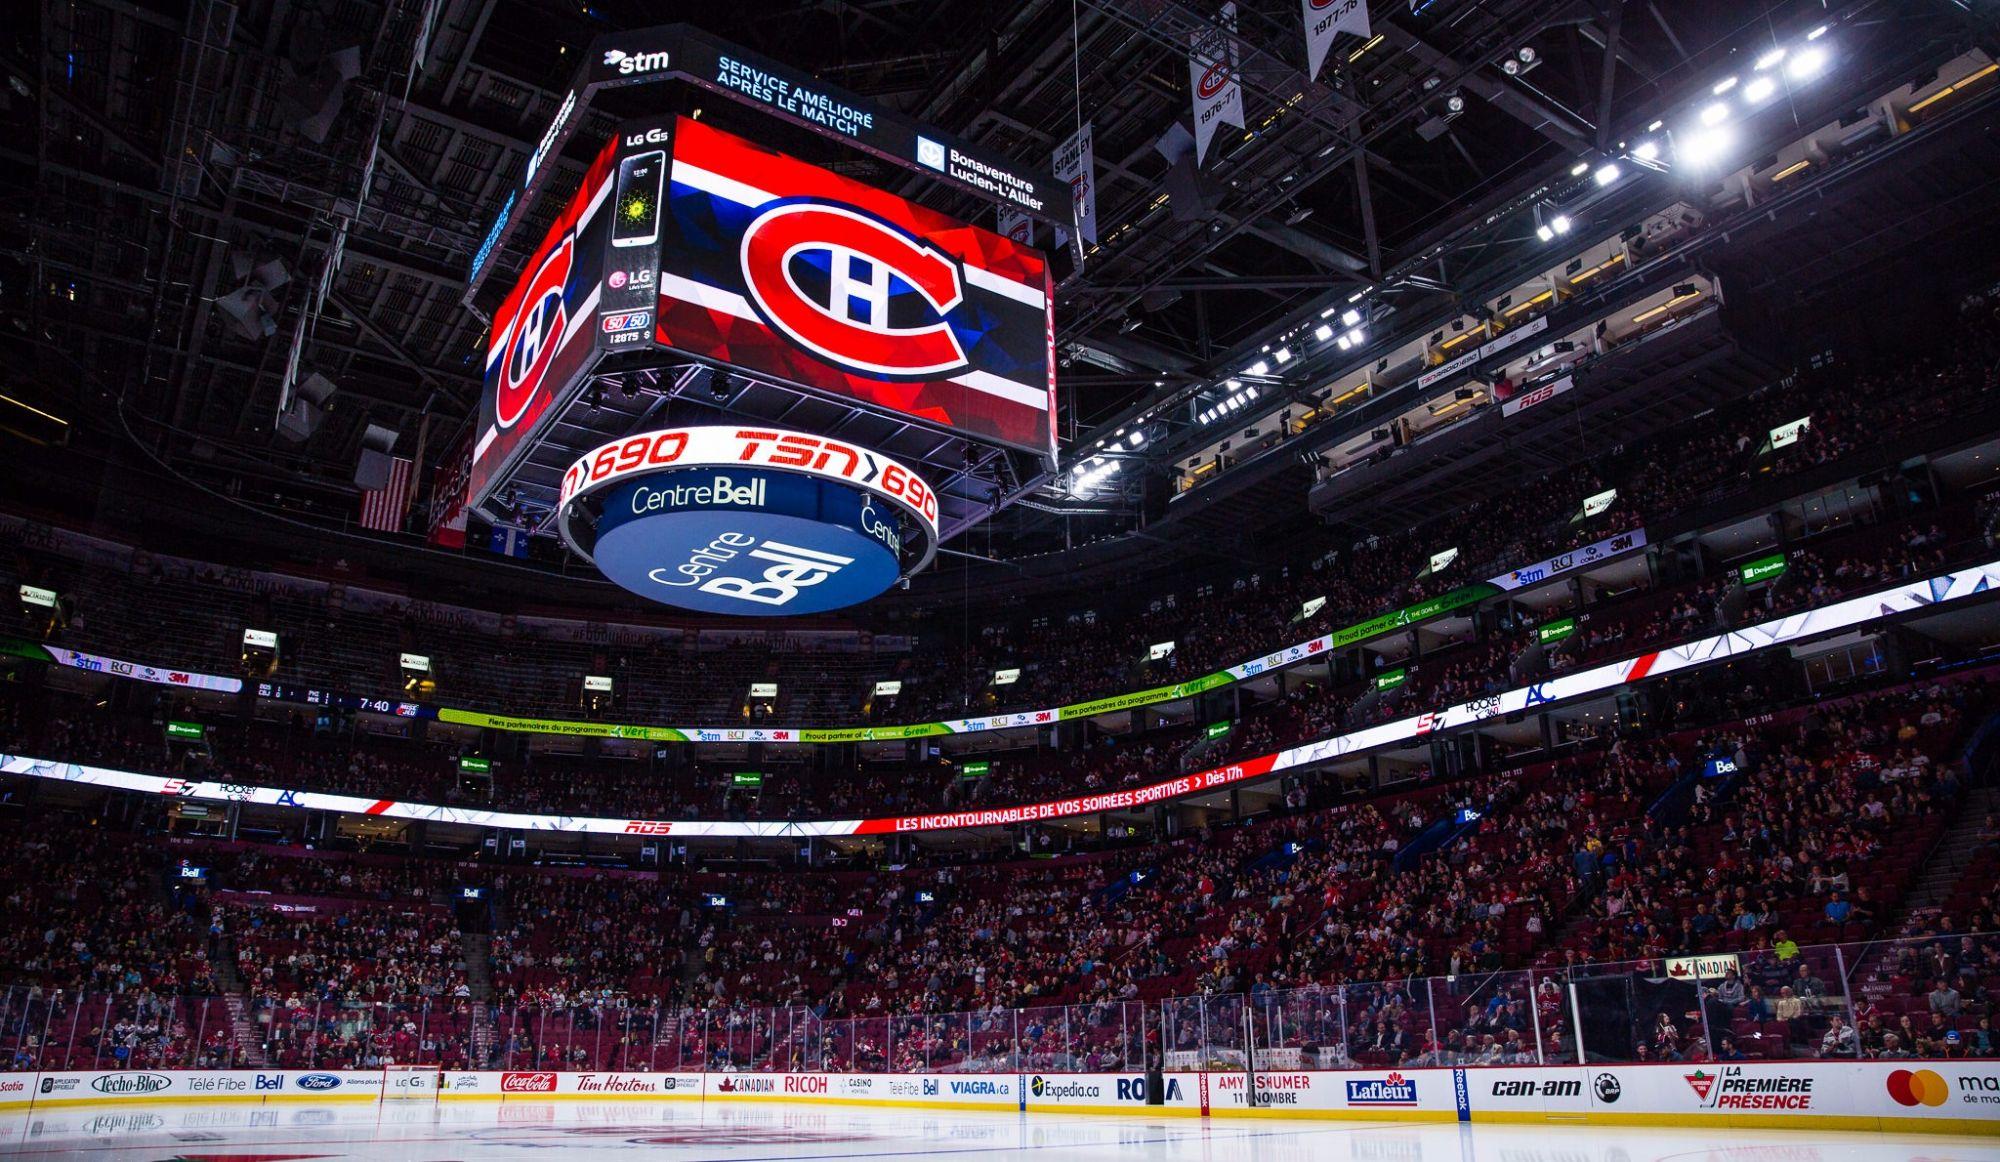 Le Canadien, 3e dans la valeur des équipes de la LNH